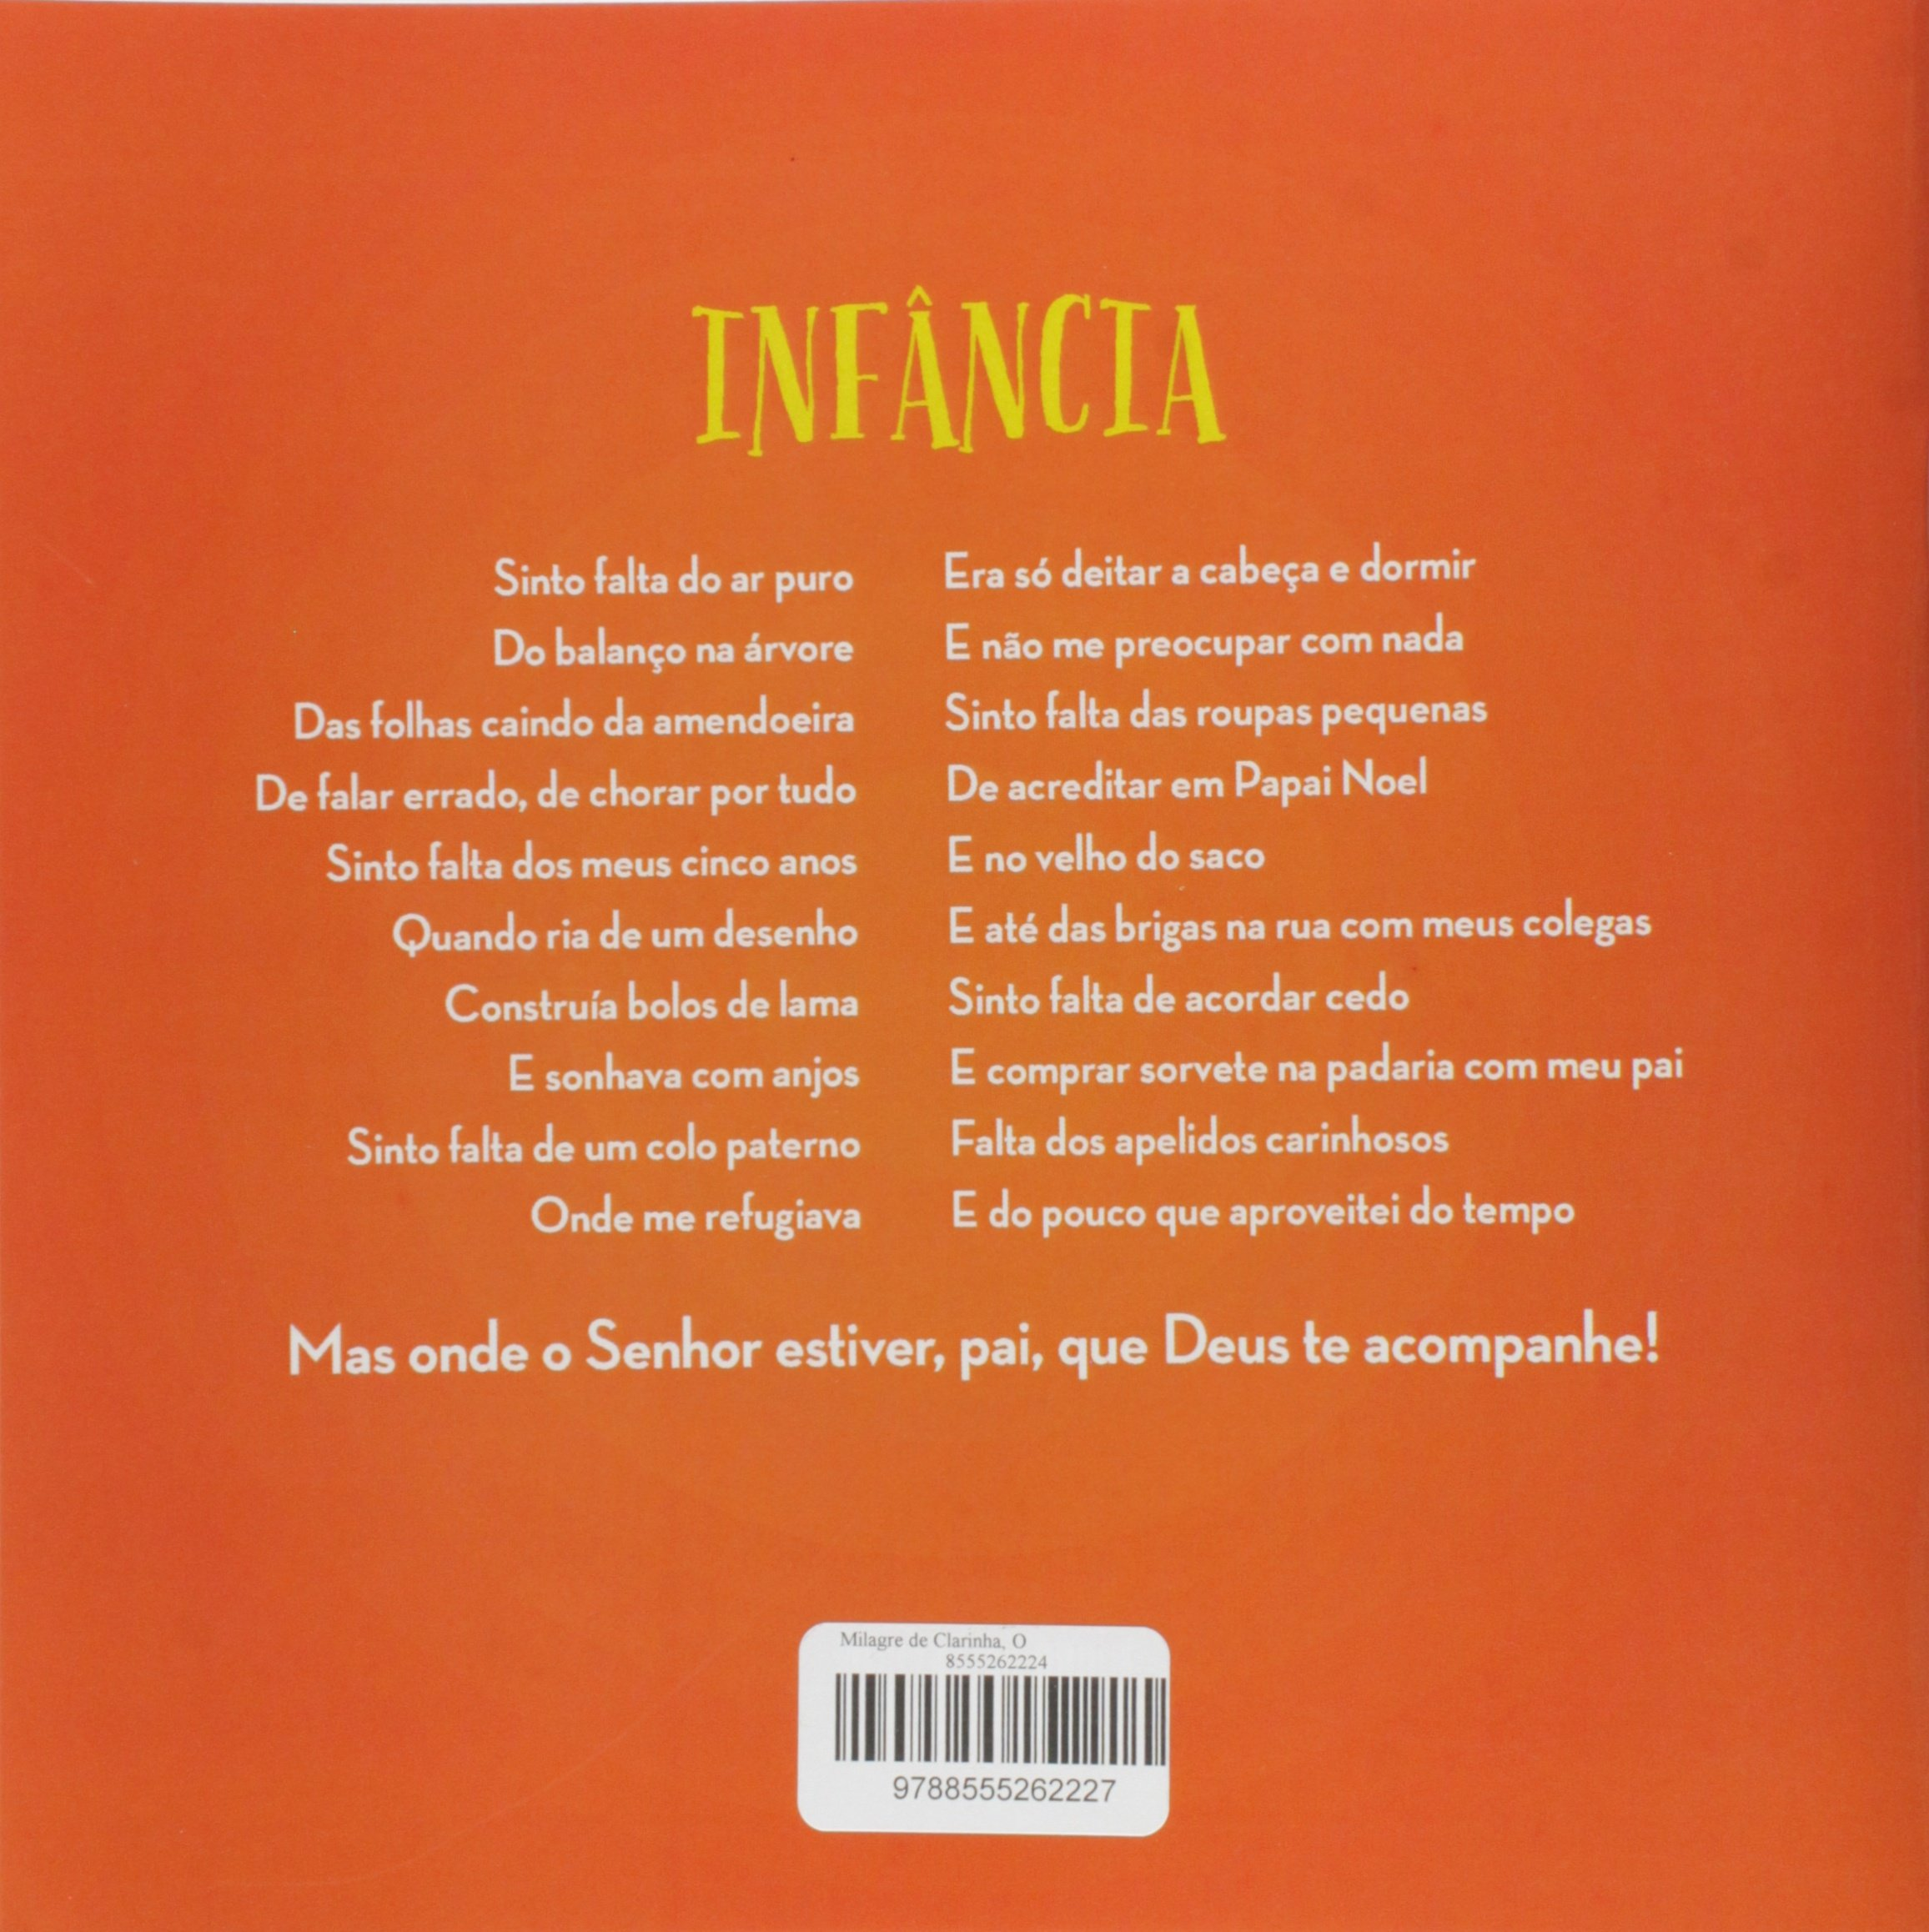 Milagre de Clarinha, O: Joana Amorim, 3: 9788555262227: Amazon.com: Books